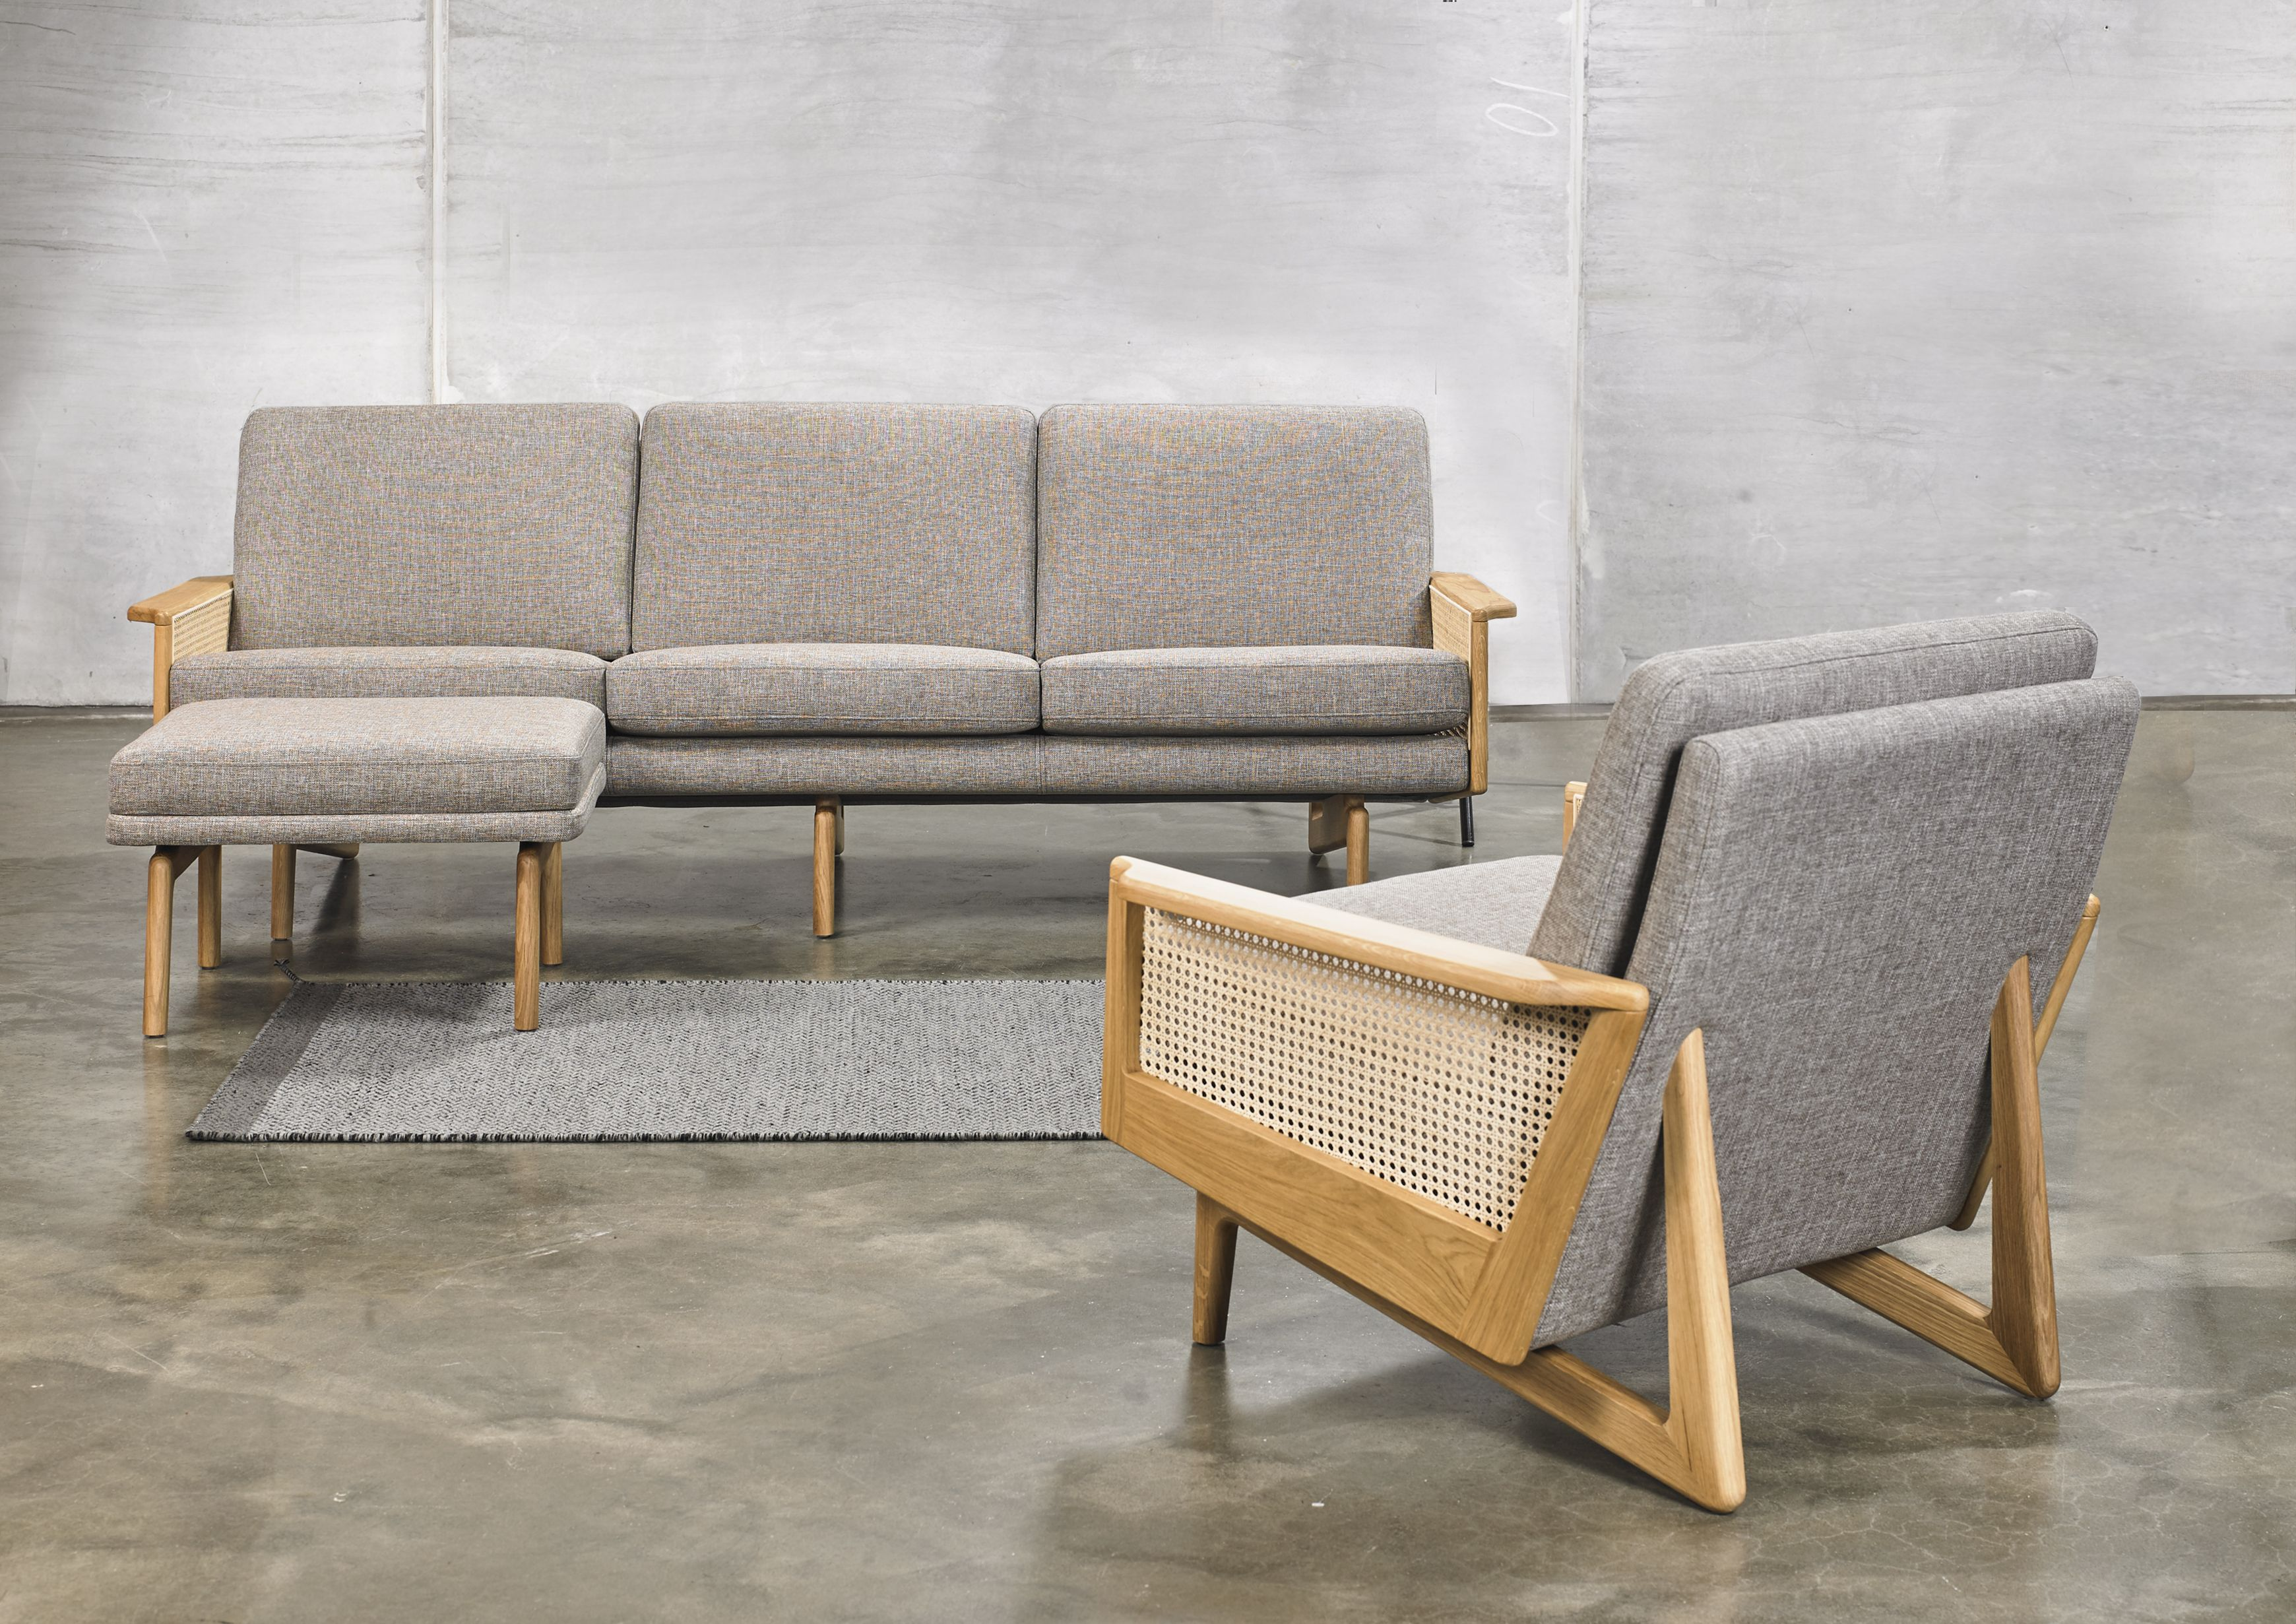 Kopenhagen Oak Designer Sofas Mit Armlehnen Aus Eichenholz Kopenhagen Und Kopenhagen Oak Als Sofa 2 Sitzer Oder 3 Sitze Sofa Design Sessel Mit Hocker Haus Deko